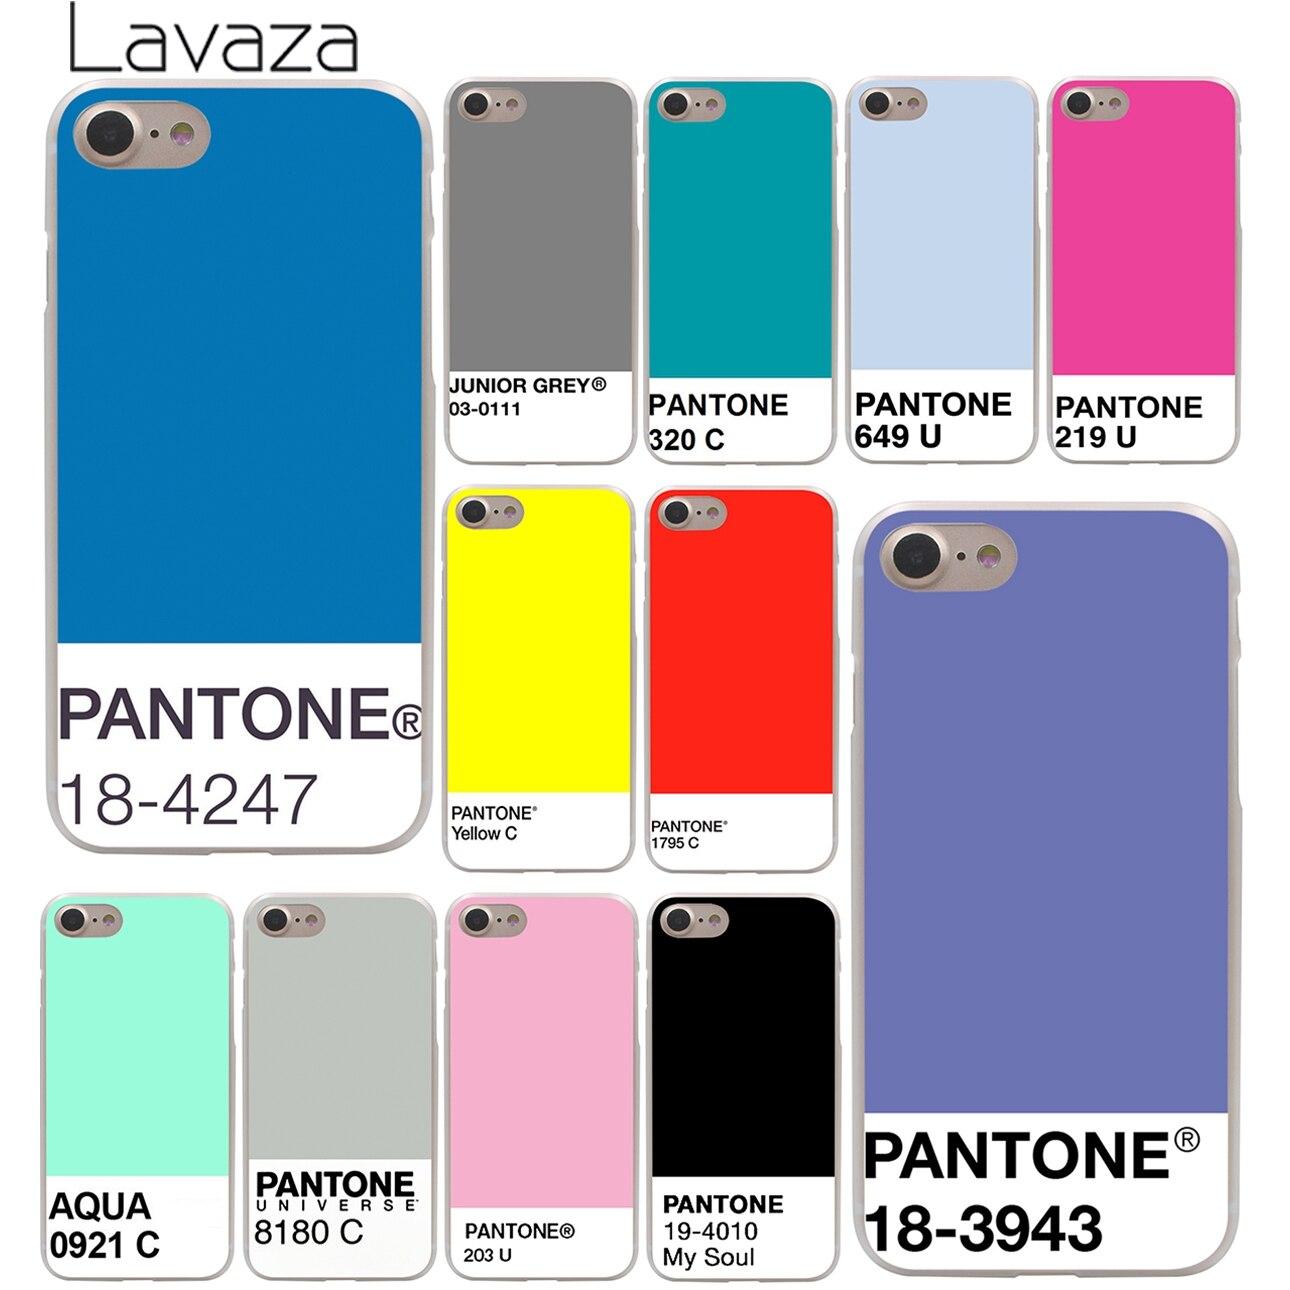 Lavaza Caliente Pantone coque de téléphone rigide pour iPhone XR X XS 11 Pro Max 10 7 8 6 6S 5 5S SE 4 4S housse